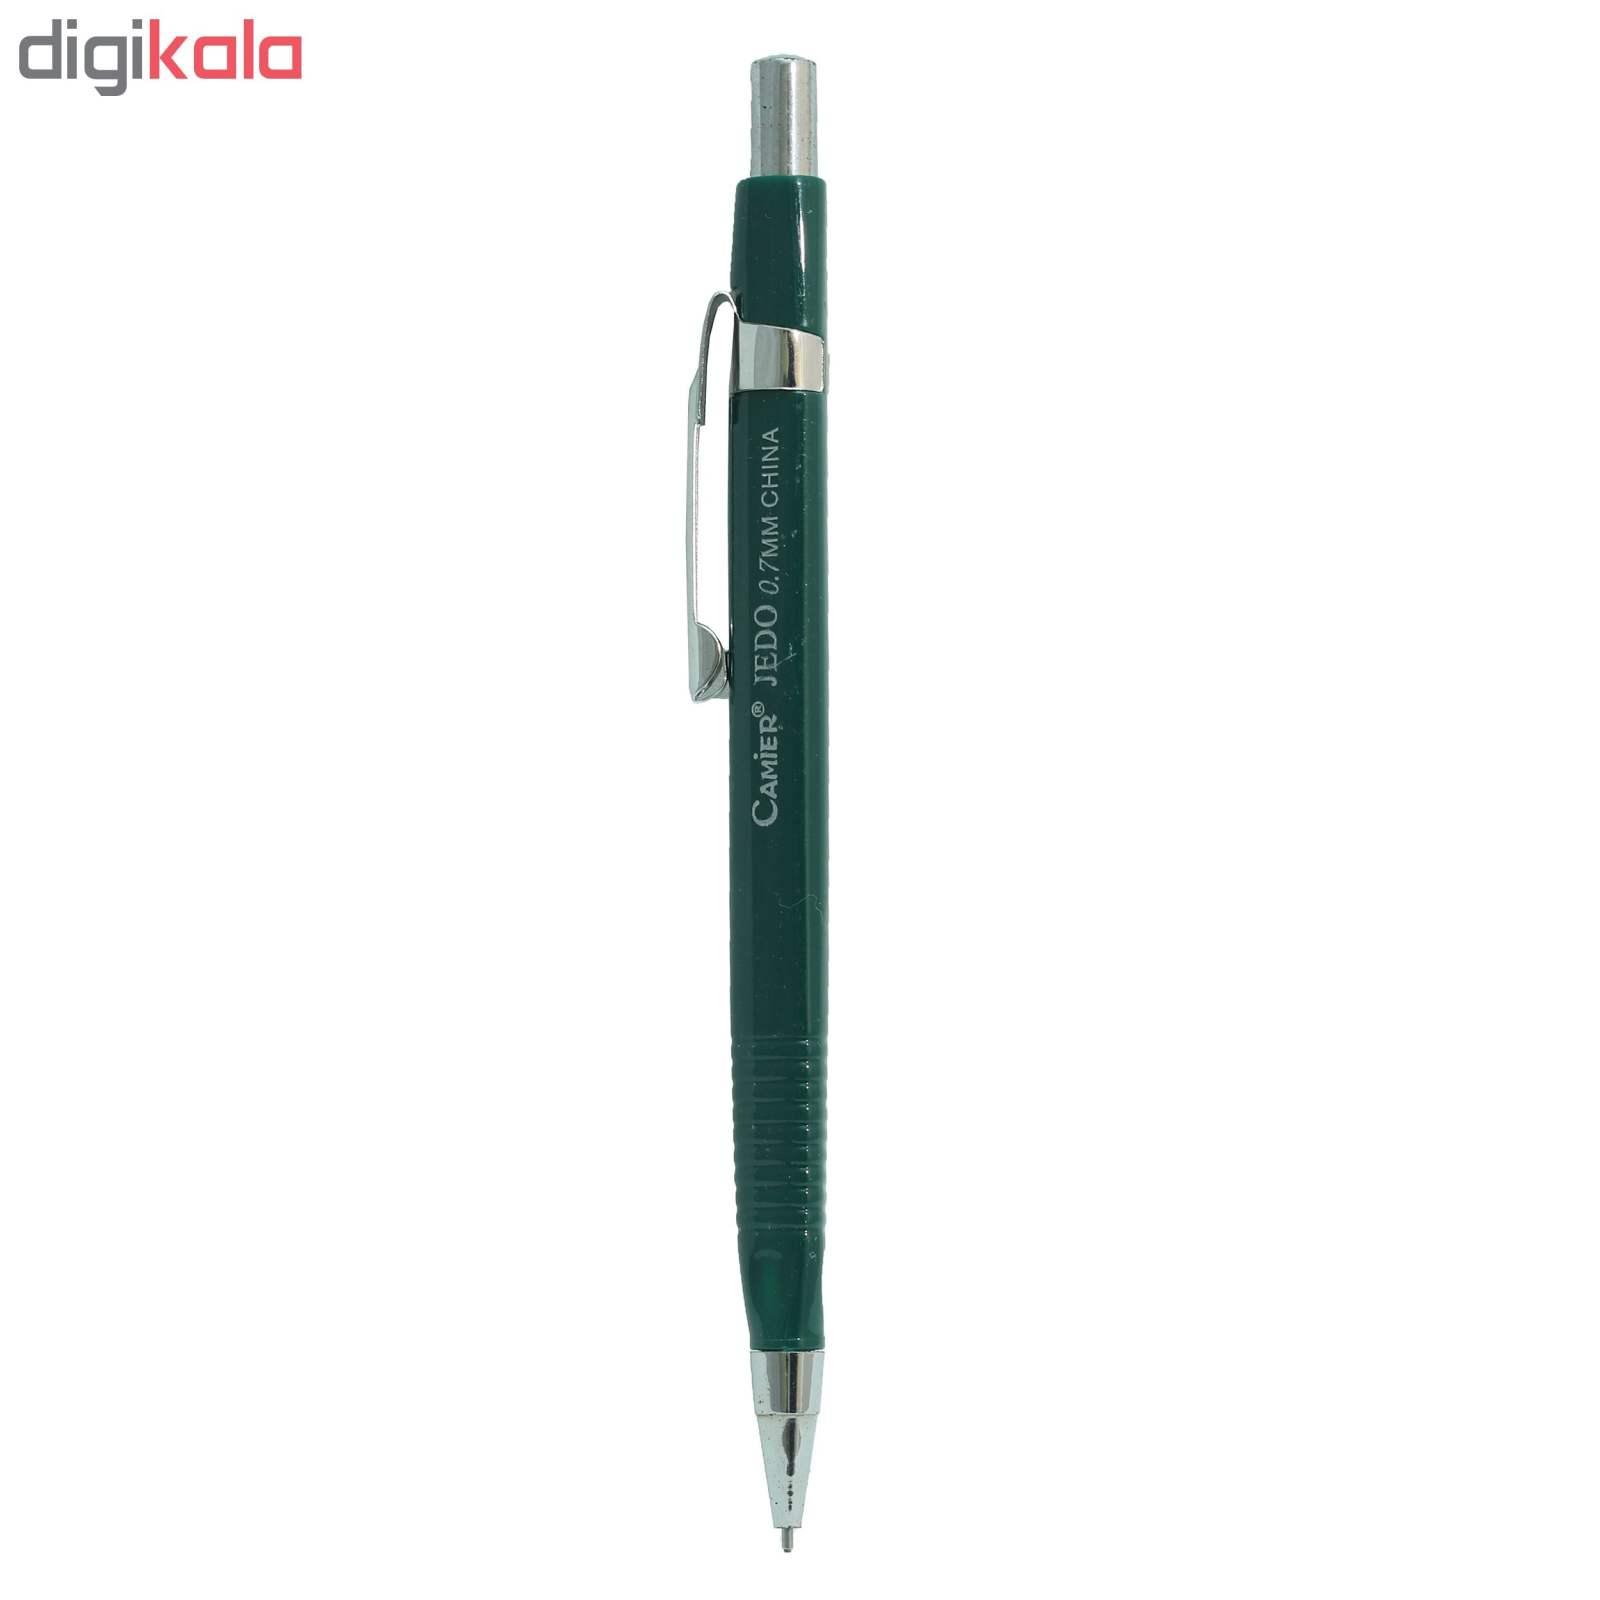 مداد نوکی 0.7 میلی متری جیدو مدل Camier thumb 4